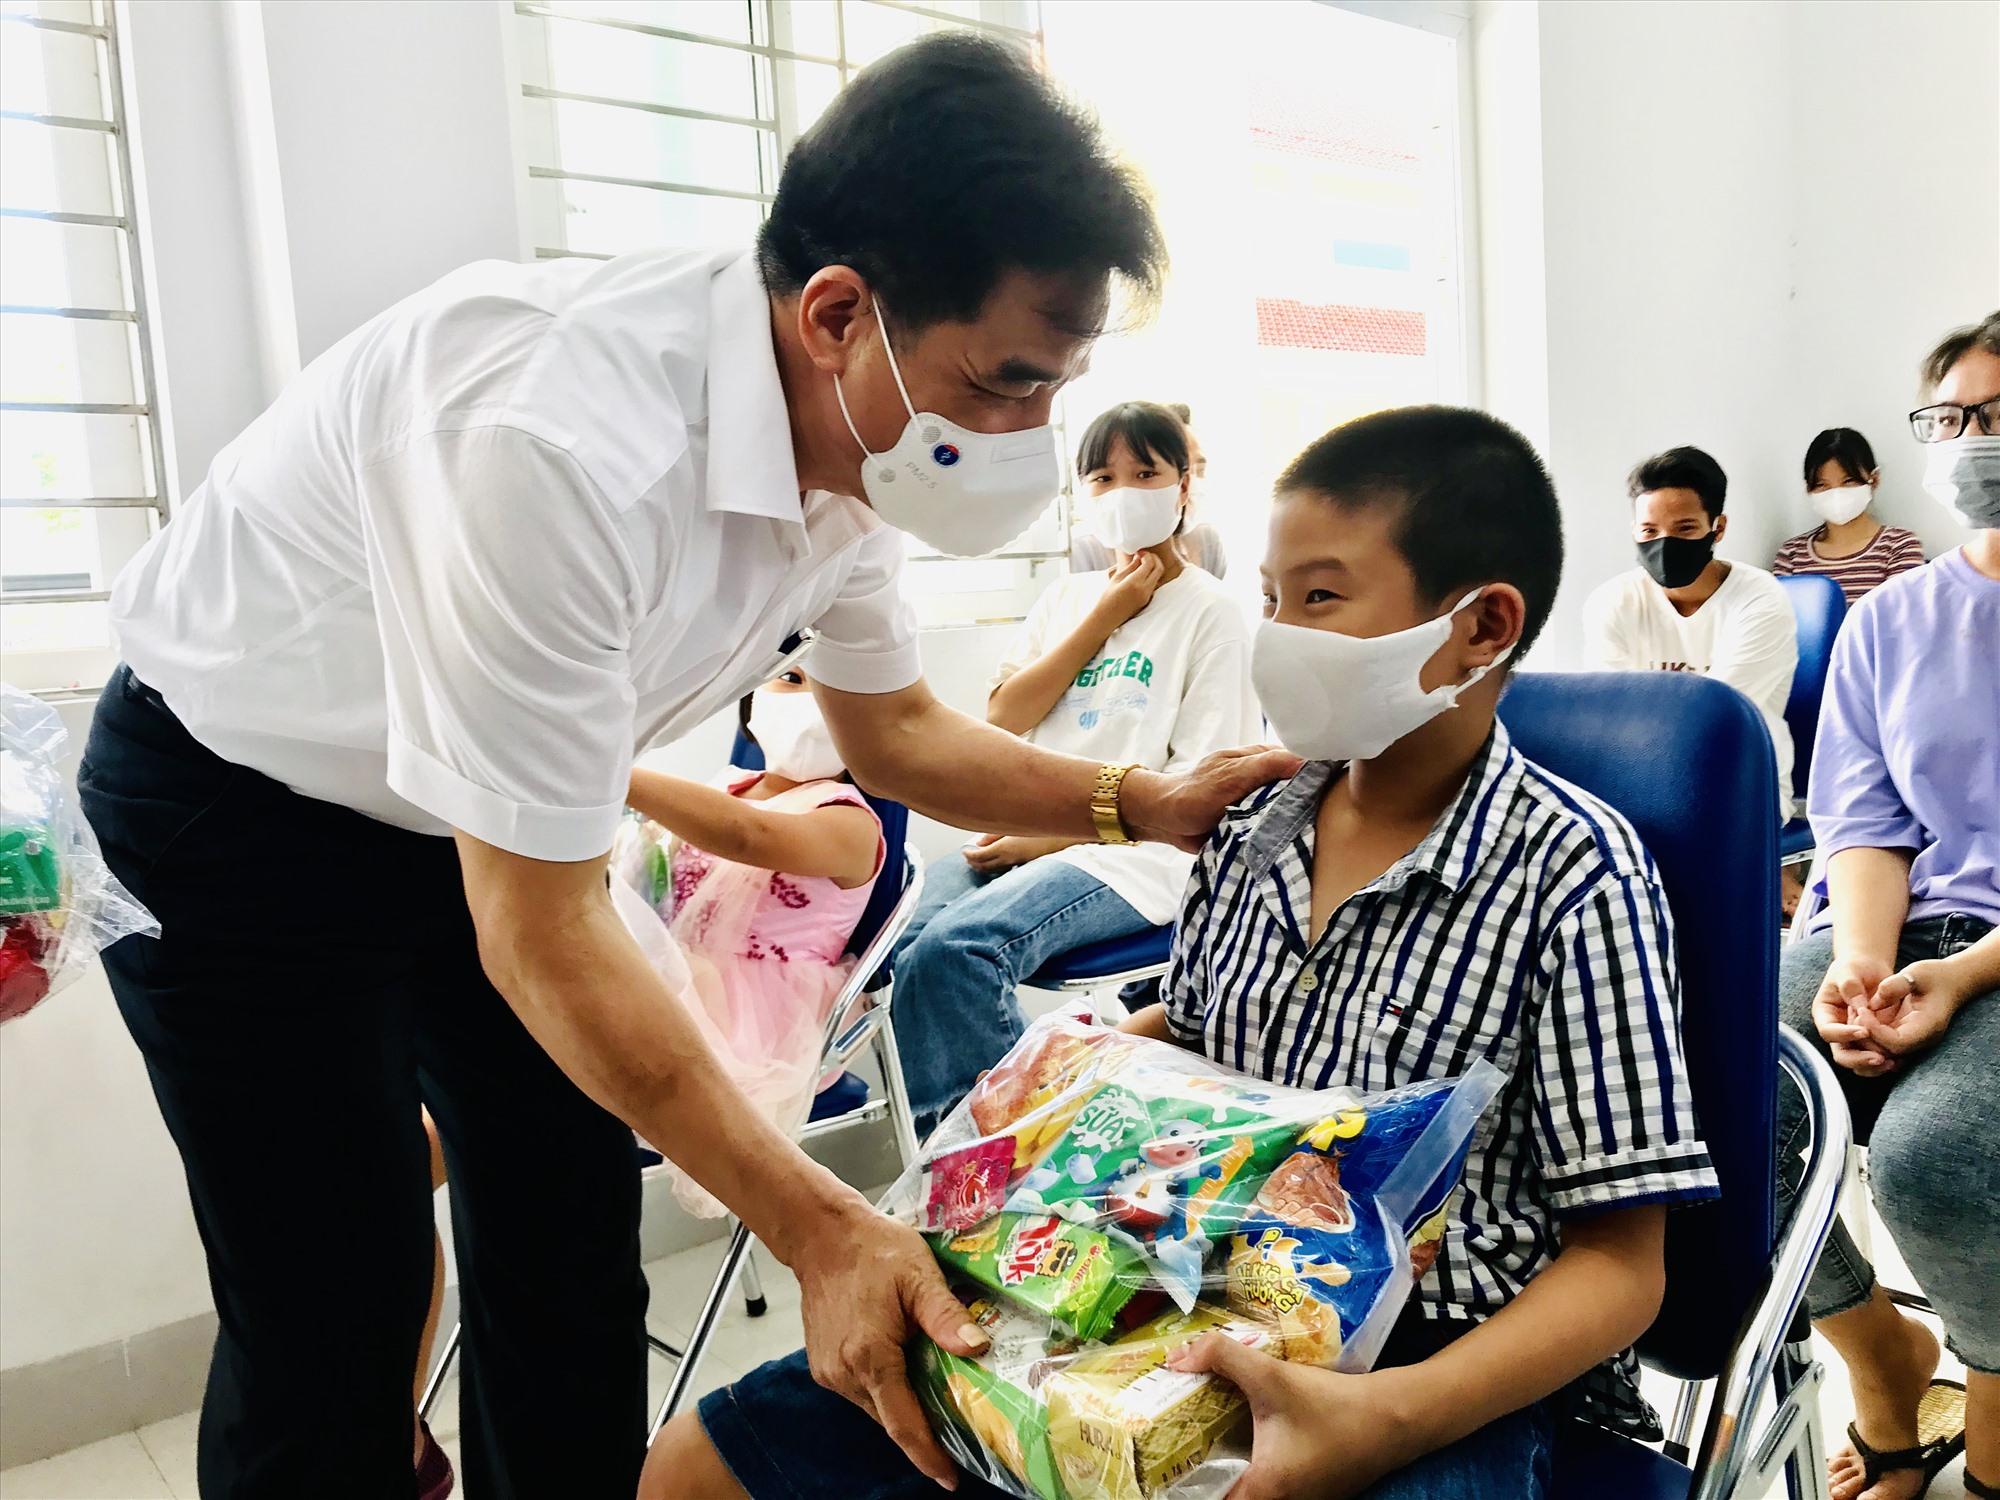 Lãnh đạo tỉnh trao quà cho trẻ em tại Trung tâm bảo trợ xã hội Quảng Nam nhân Ngày quốc tế thiếu nhi. Ảnh: Q.T